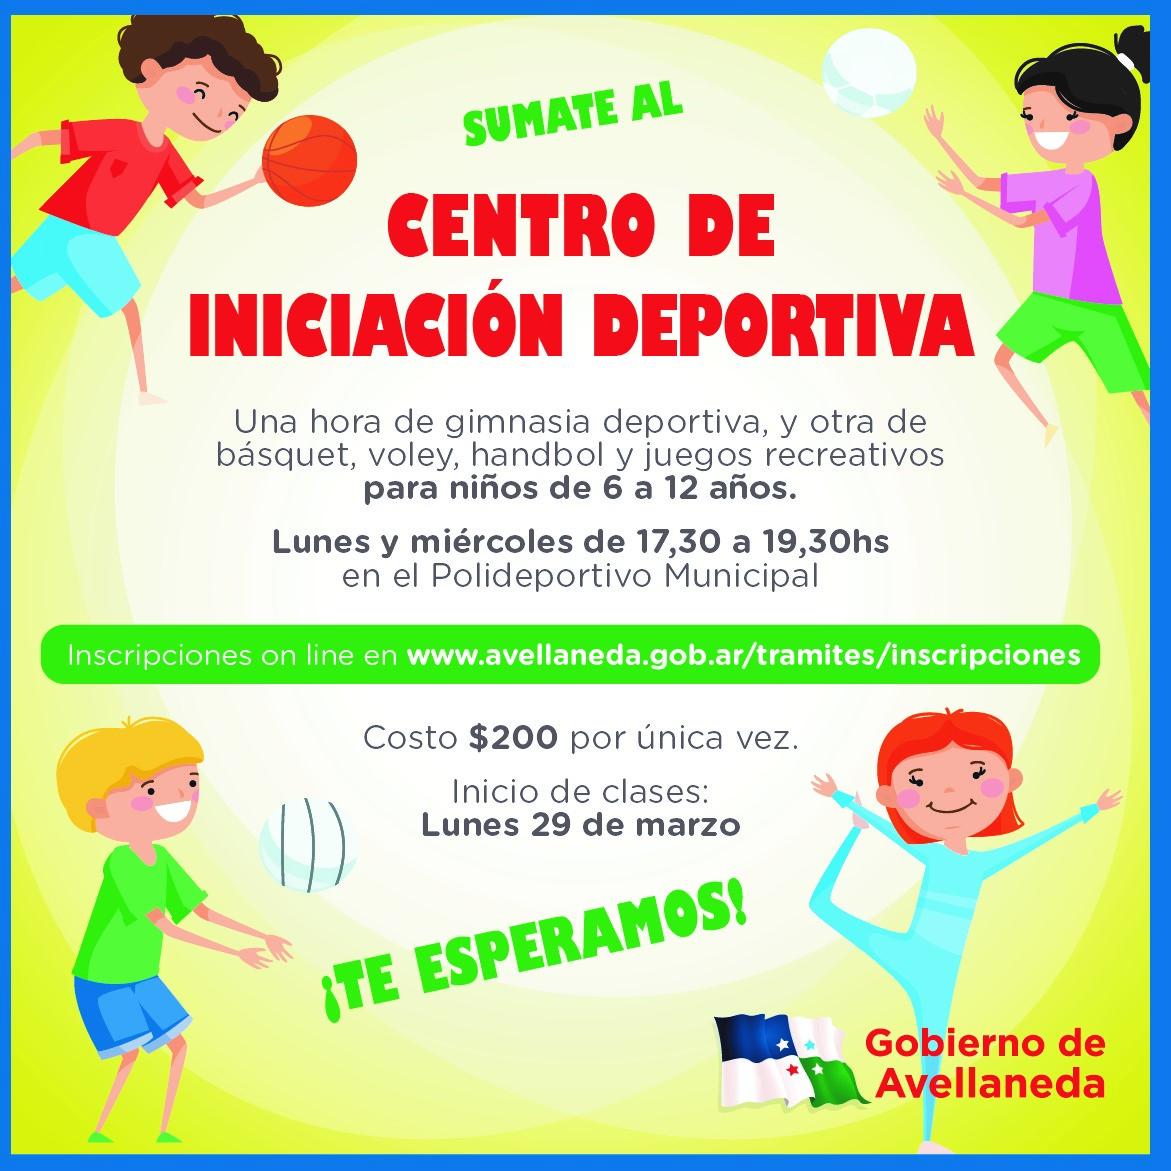 Inscripciones para participar del Centro de Iniciación Deportiva